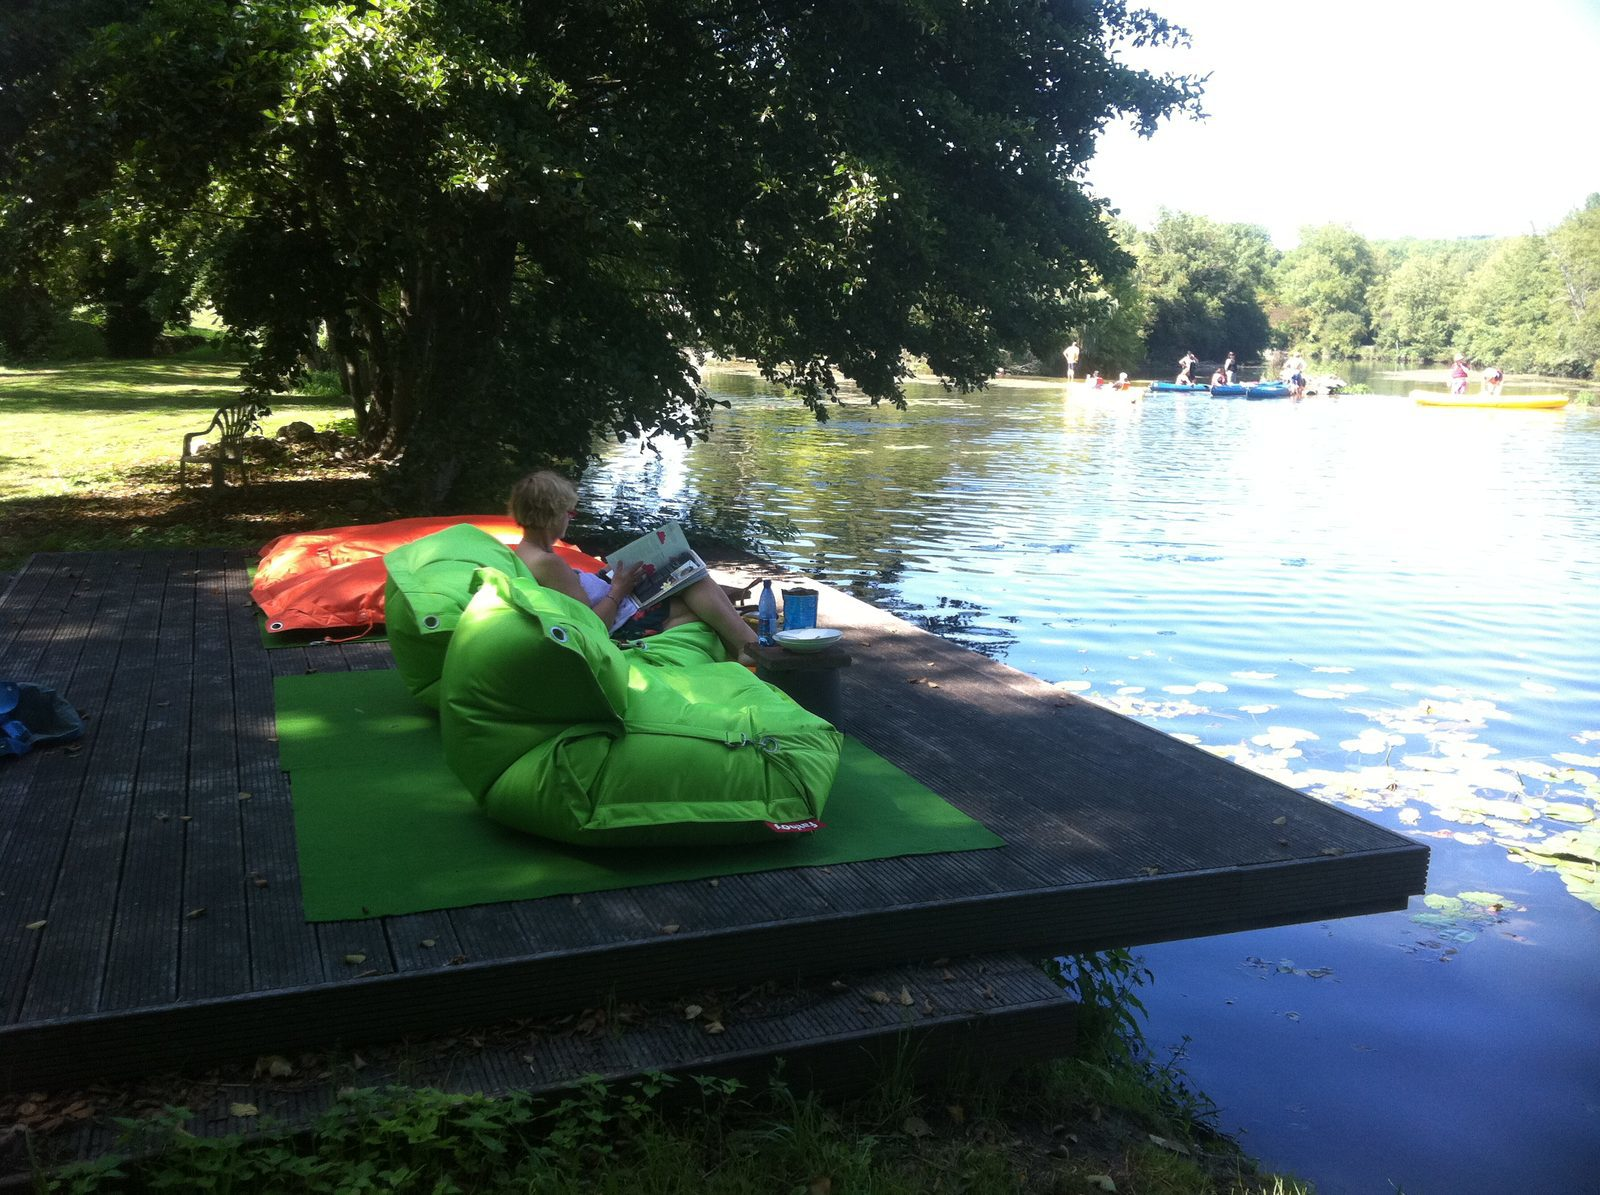 Frankrijk, Dordogne, luxe vakantiehuis, natuurlijk zwembad